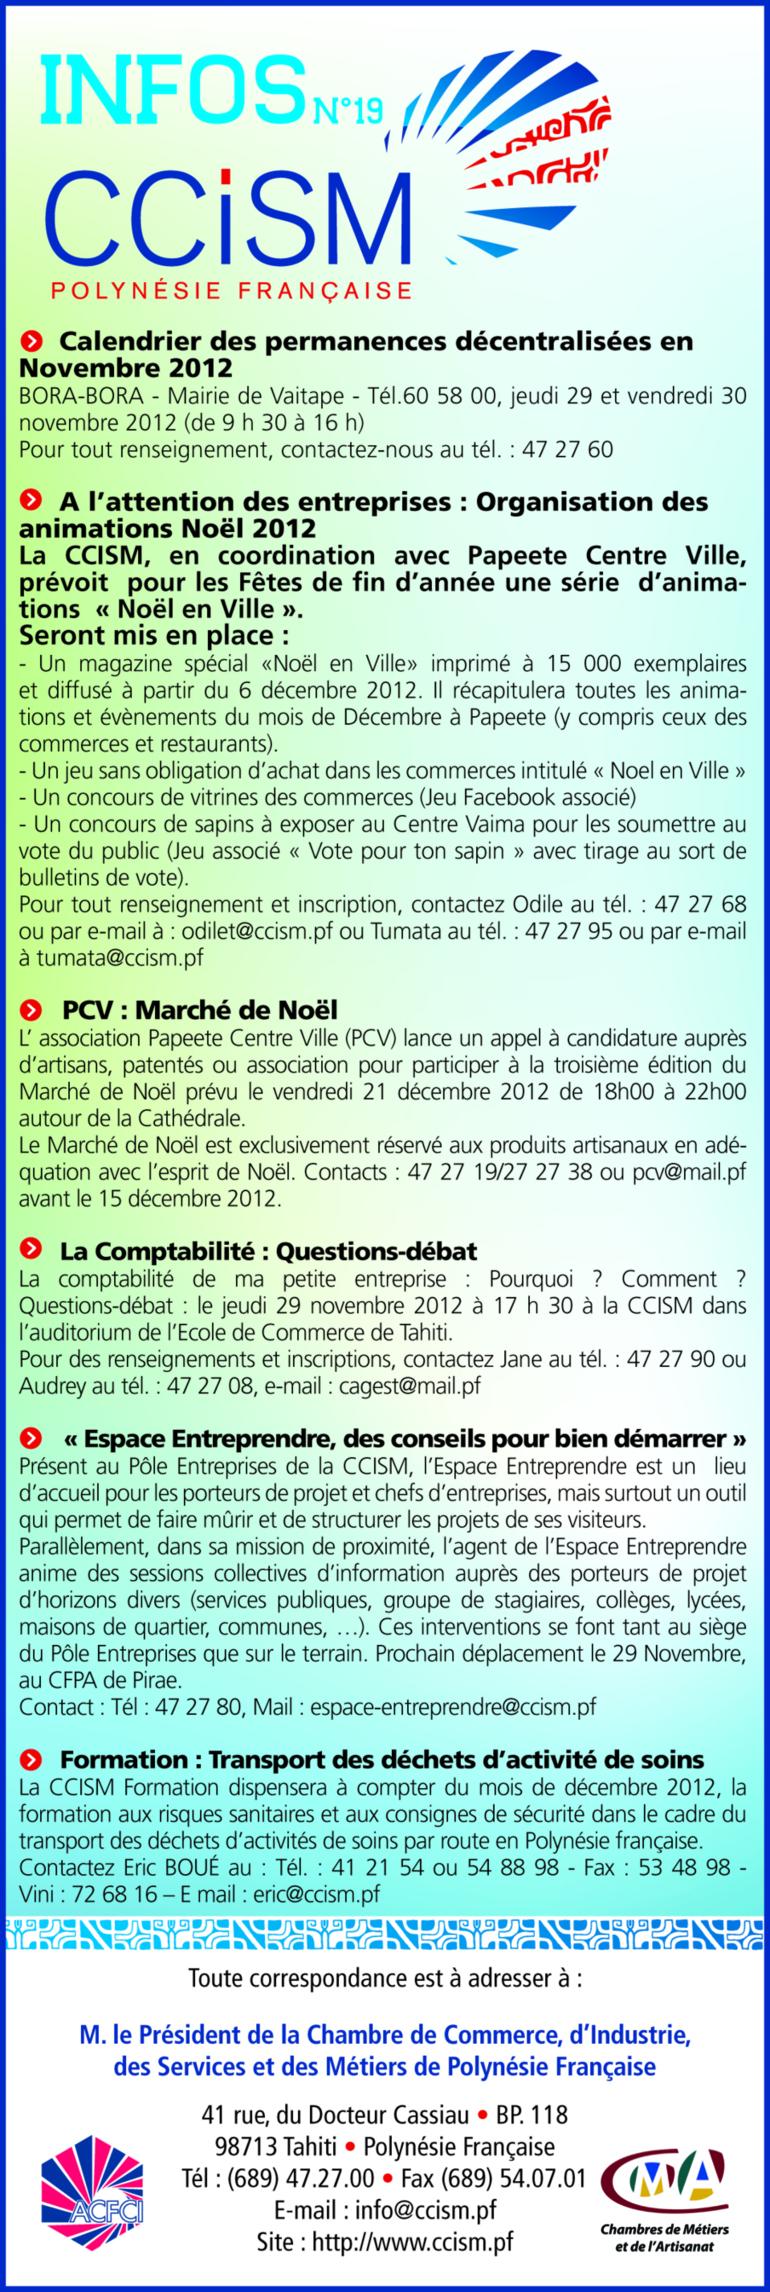 Infos CCISM N°19